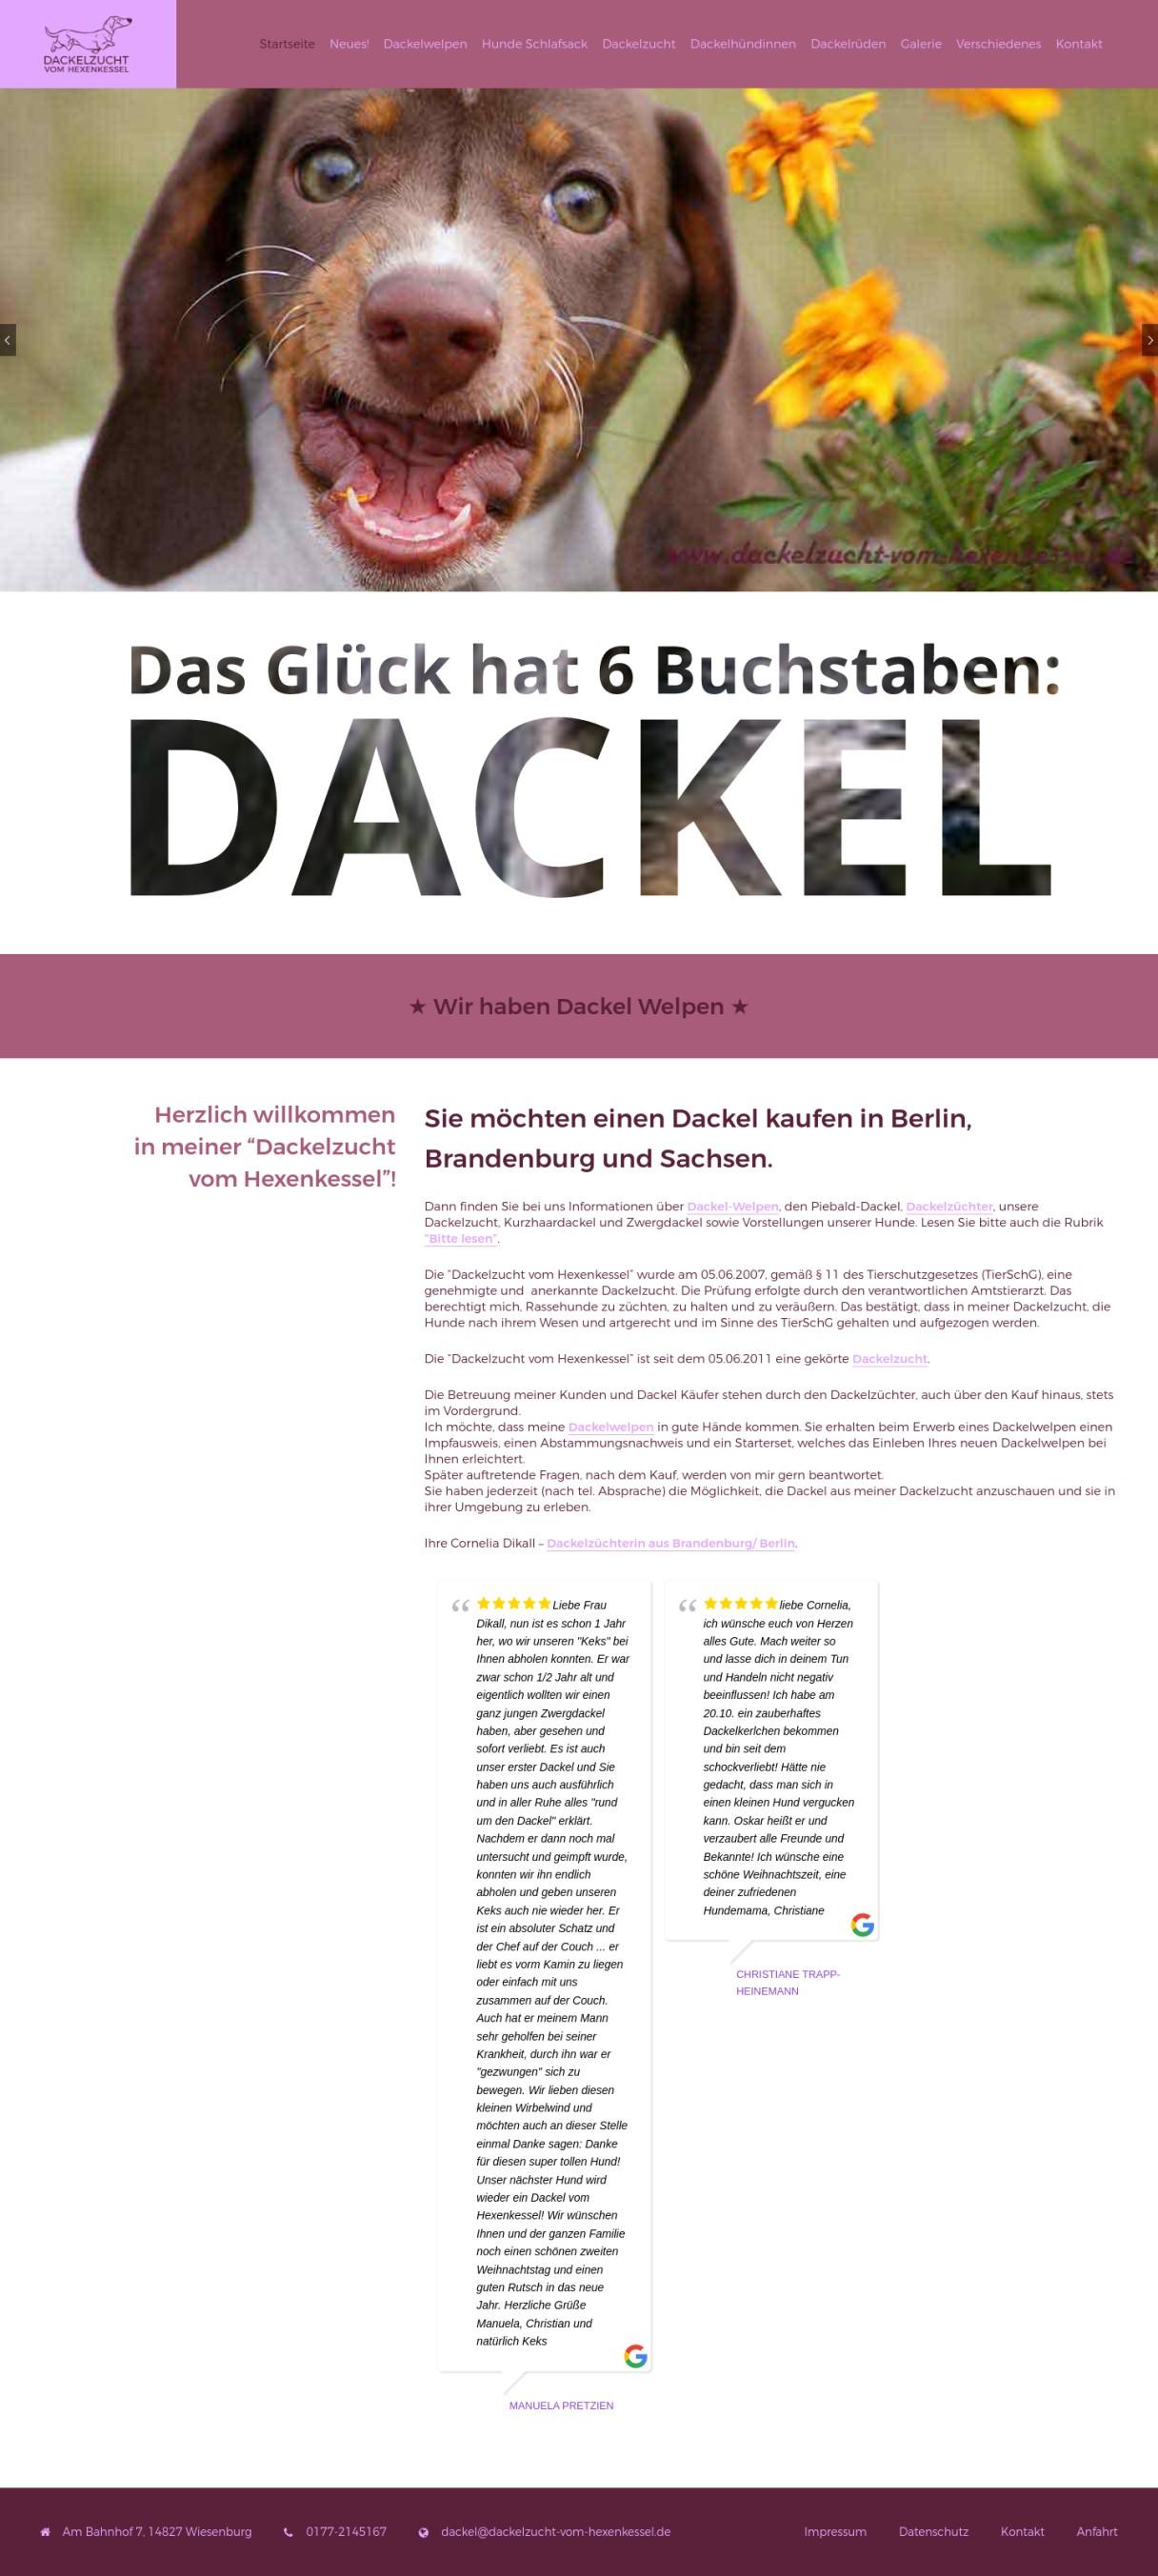 Dackelzucht vom Hexenkessel, Dackelwelpen für Berlin-Brandenburg